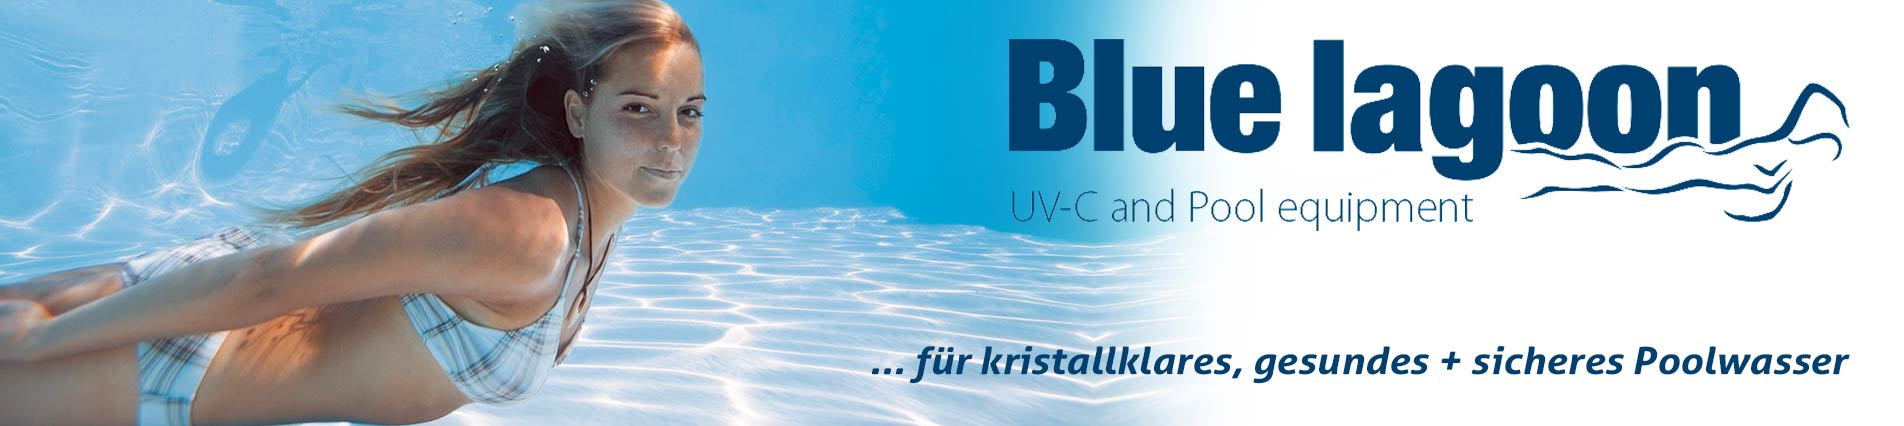 Blue-lagoon Banner